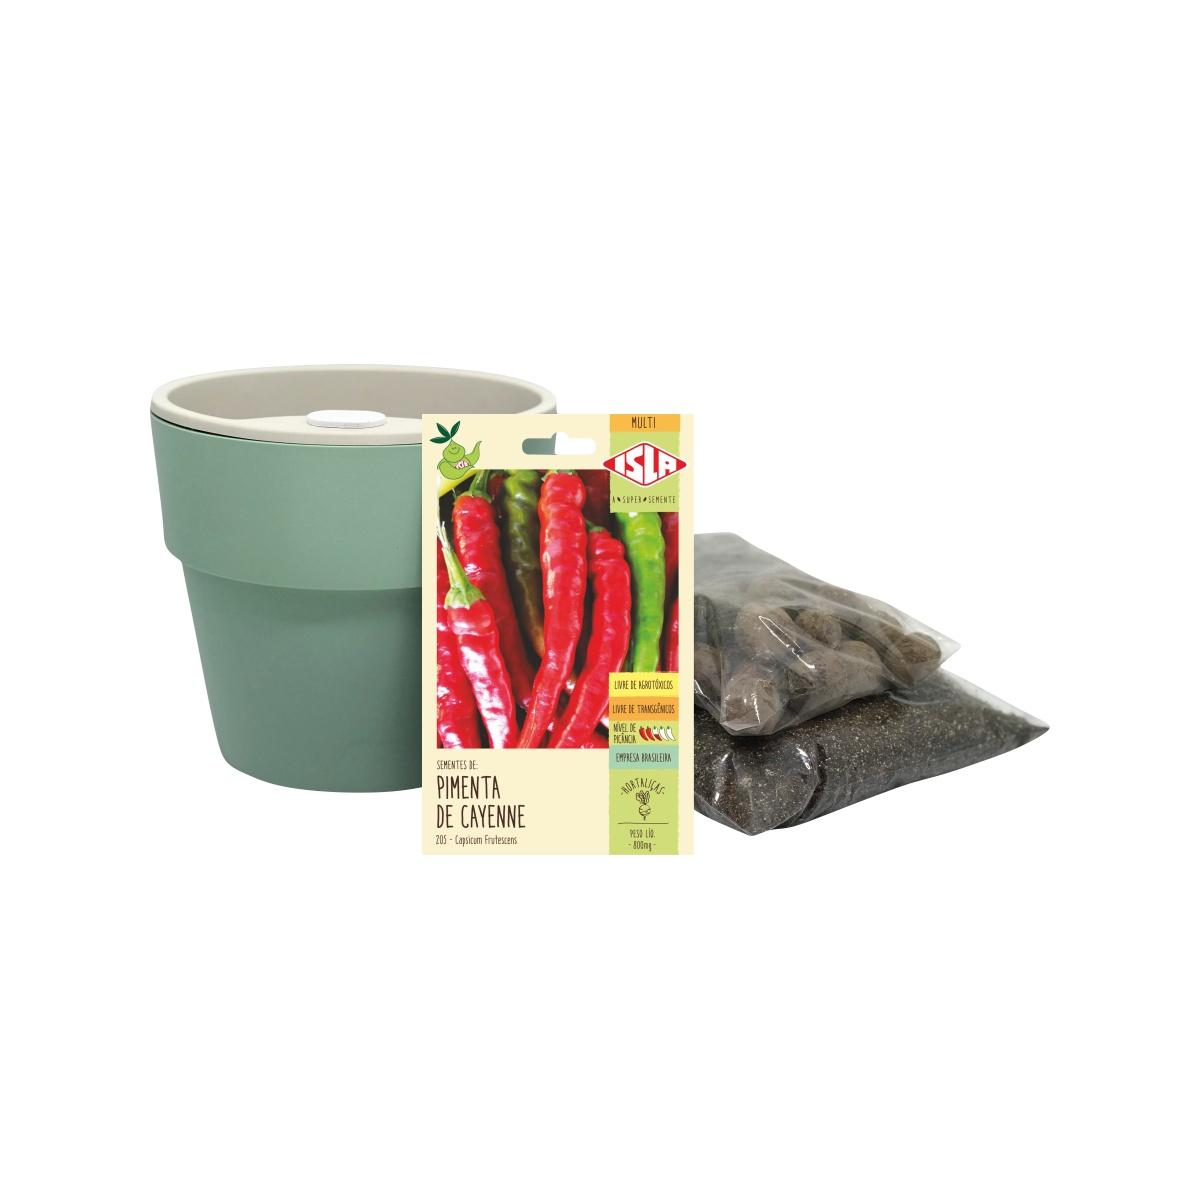 Kit completo Meu Primeiro Plantio de Pimenta Cayenne com Vaso Autoirrigável Verde Menta Linha Plantar